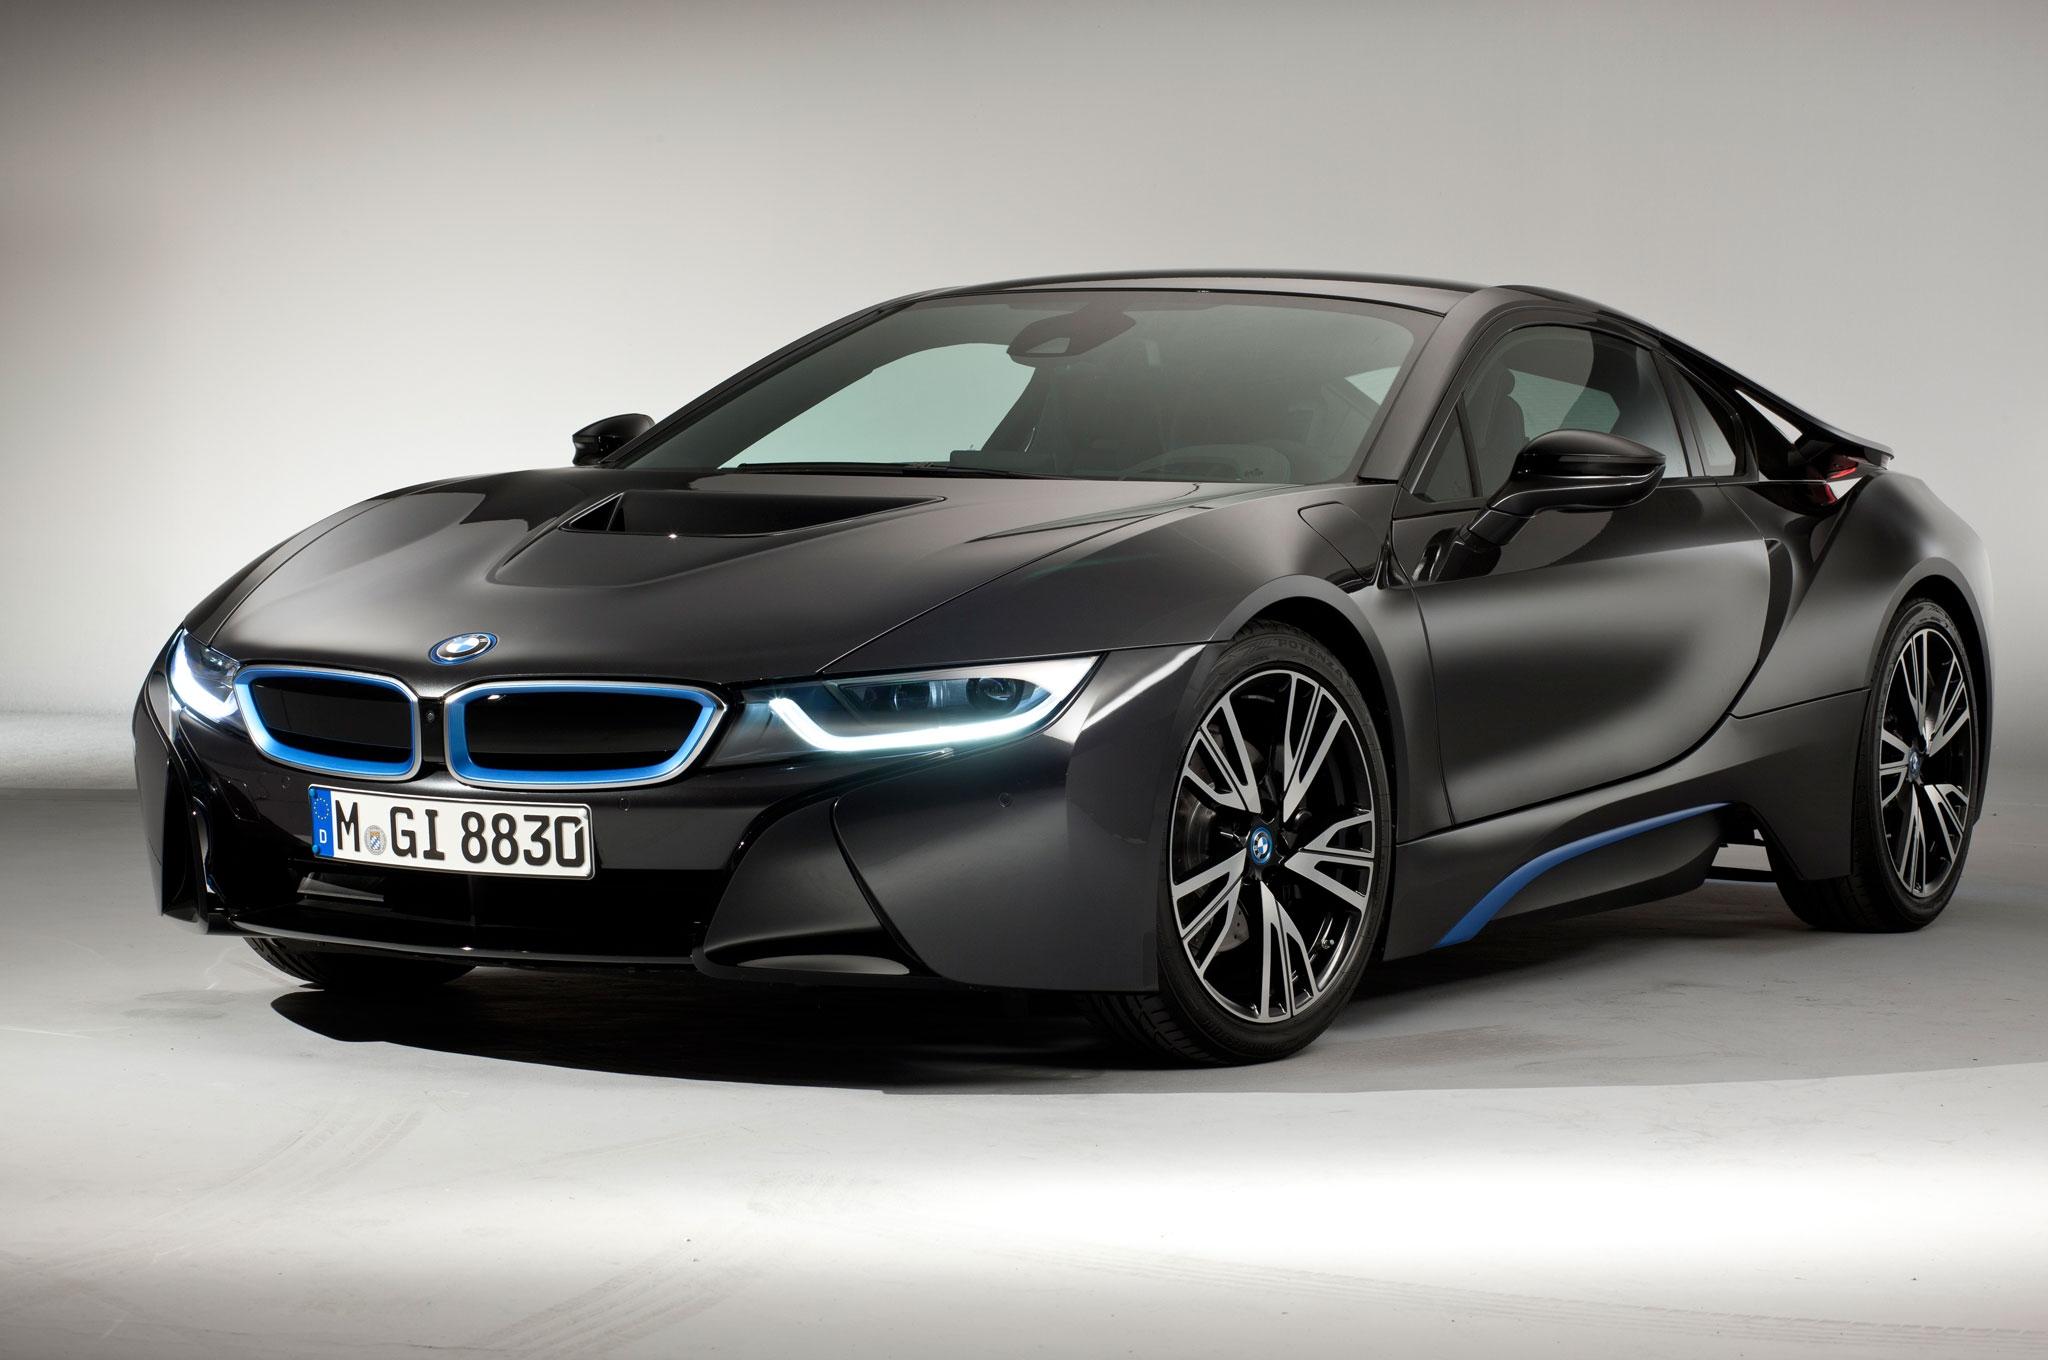 BMW duplica la producción del i8, y la demanda continúa subiendo 1